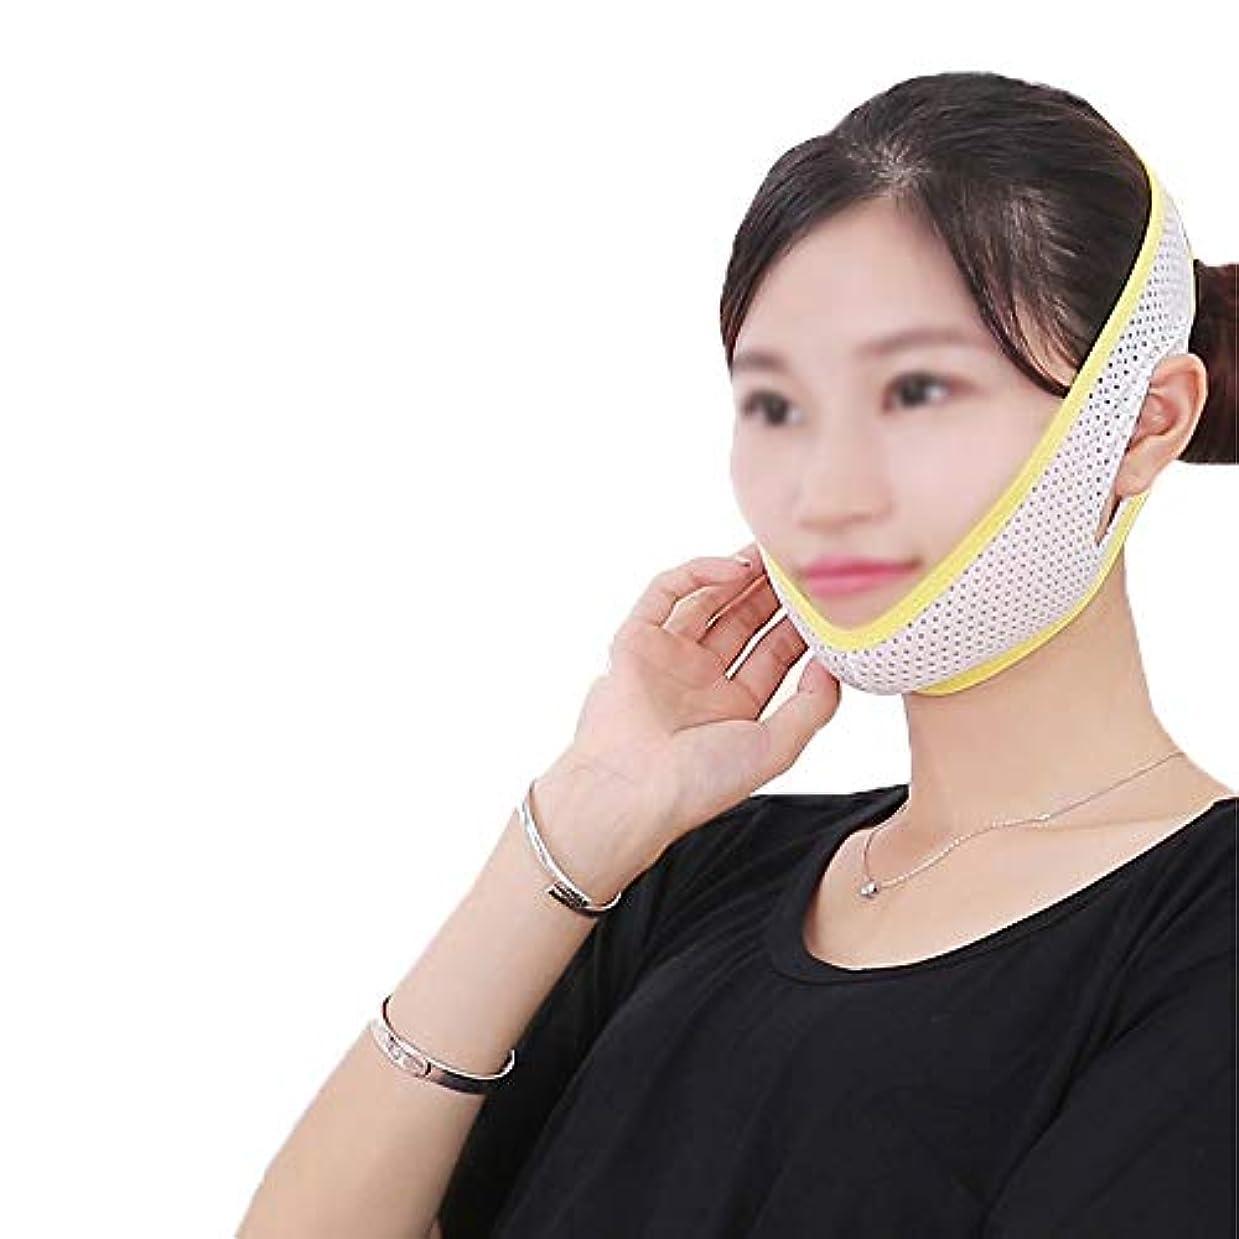 学ぶ申込み彼女のGLJJQMY 顔と首リフト薄いフェイスマスク強力な薄いフェイスツール締め付け薄いフェイスマスクアーティファクト薄いフェイス包帯薄い顔デバイス 顔用整形マスク (Size : M)